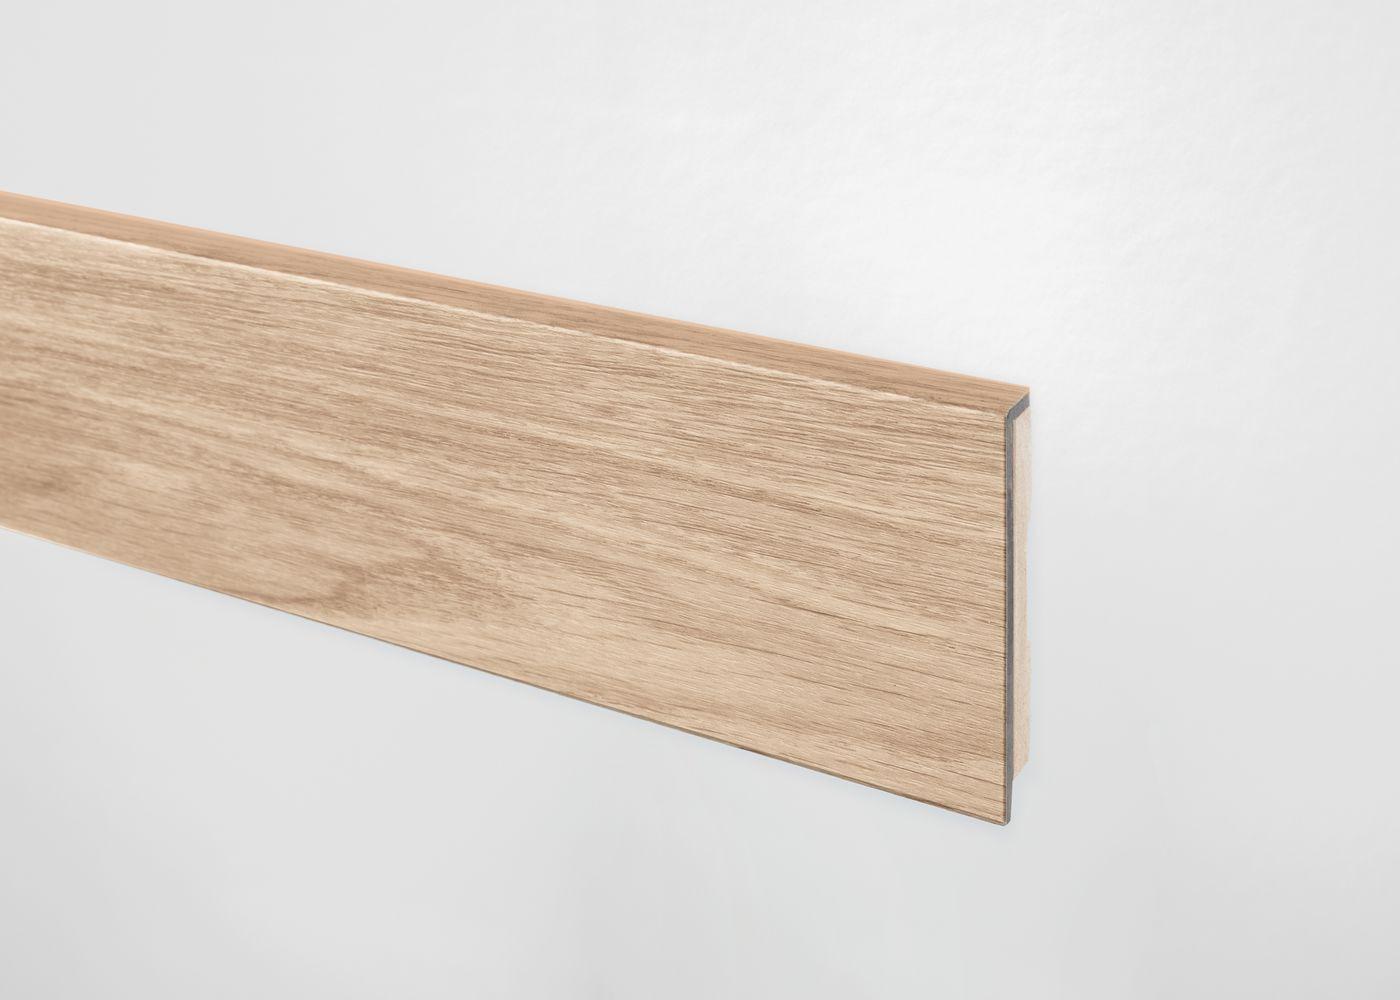 Plinthe composite pour vinyle rigide Pebble Beach 10x61x2000